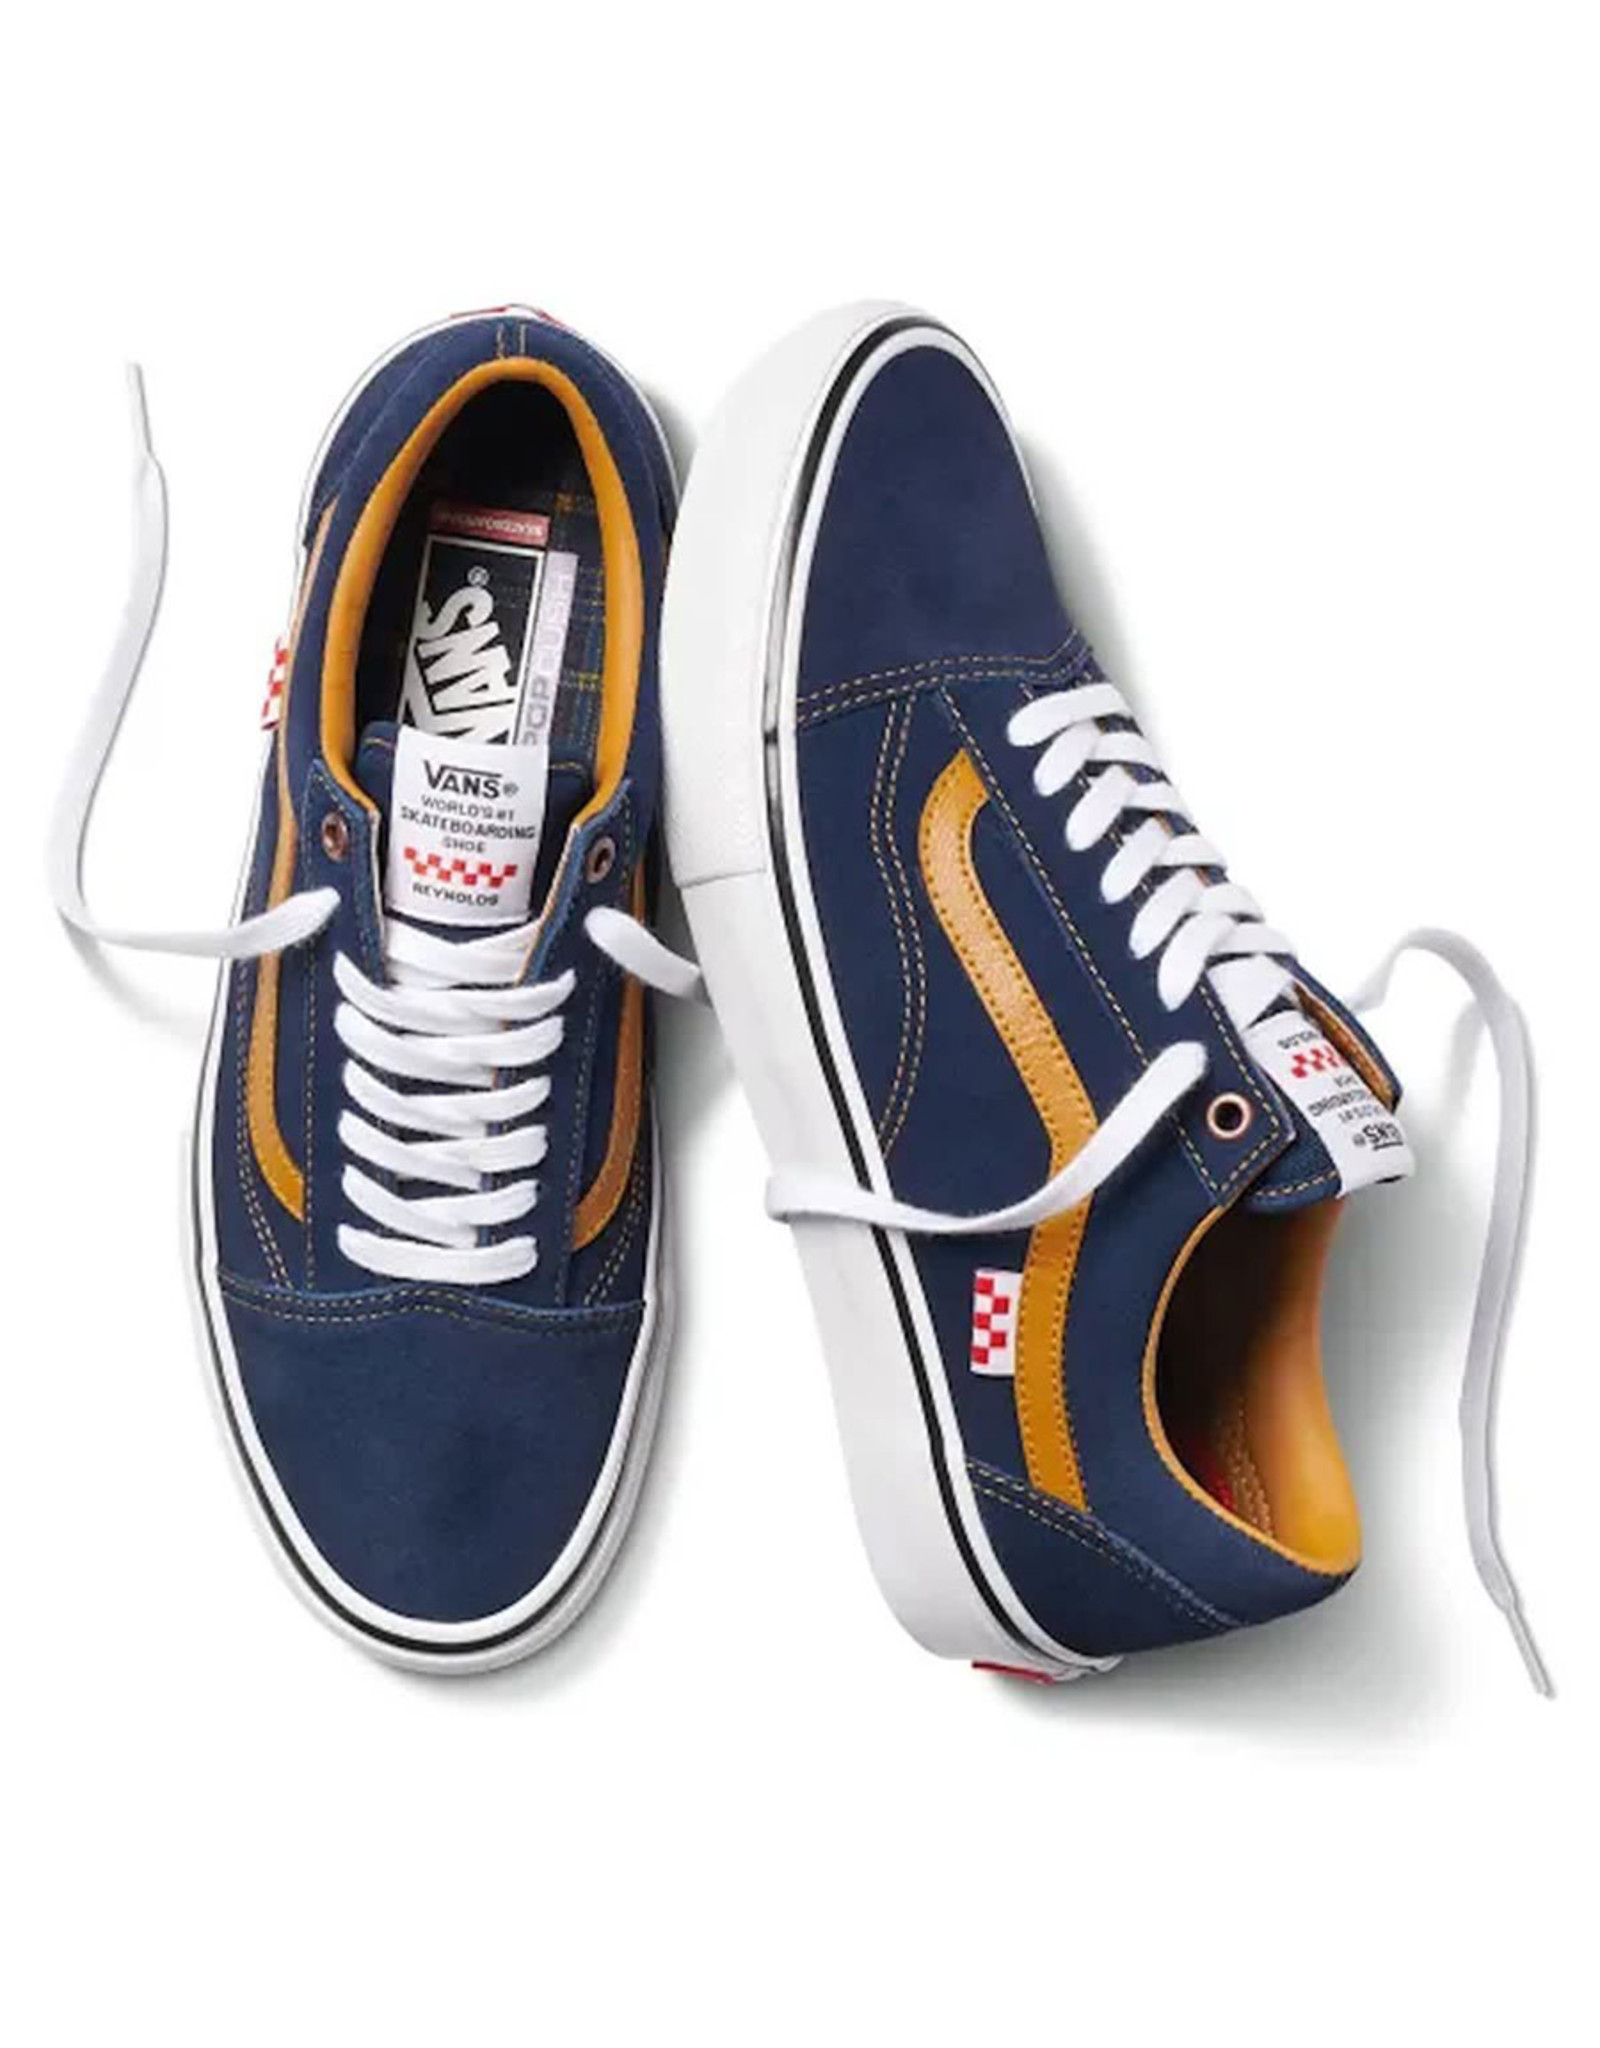 Vans Vans Shoe Skate Old Skool (Reynolds/Navy/Golden Brown)